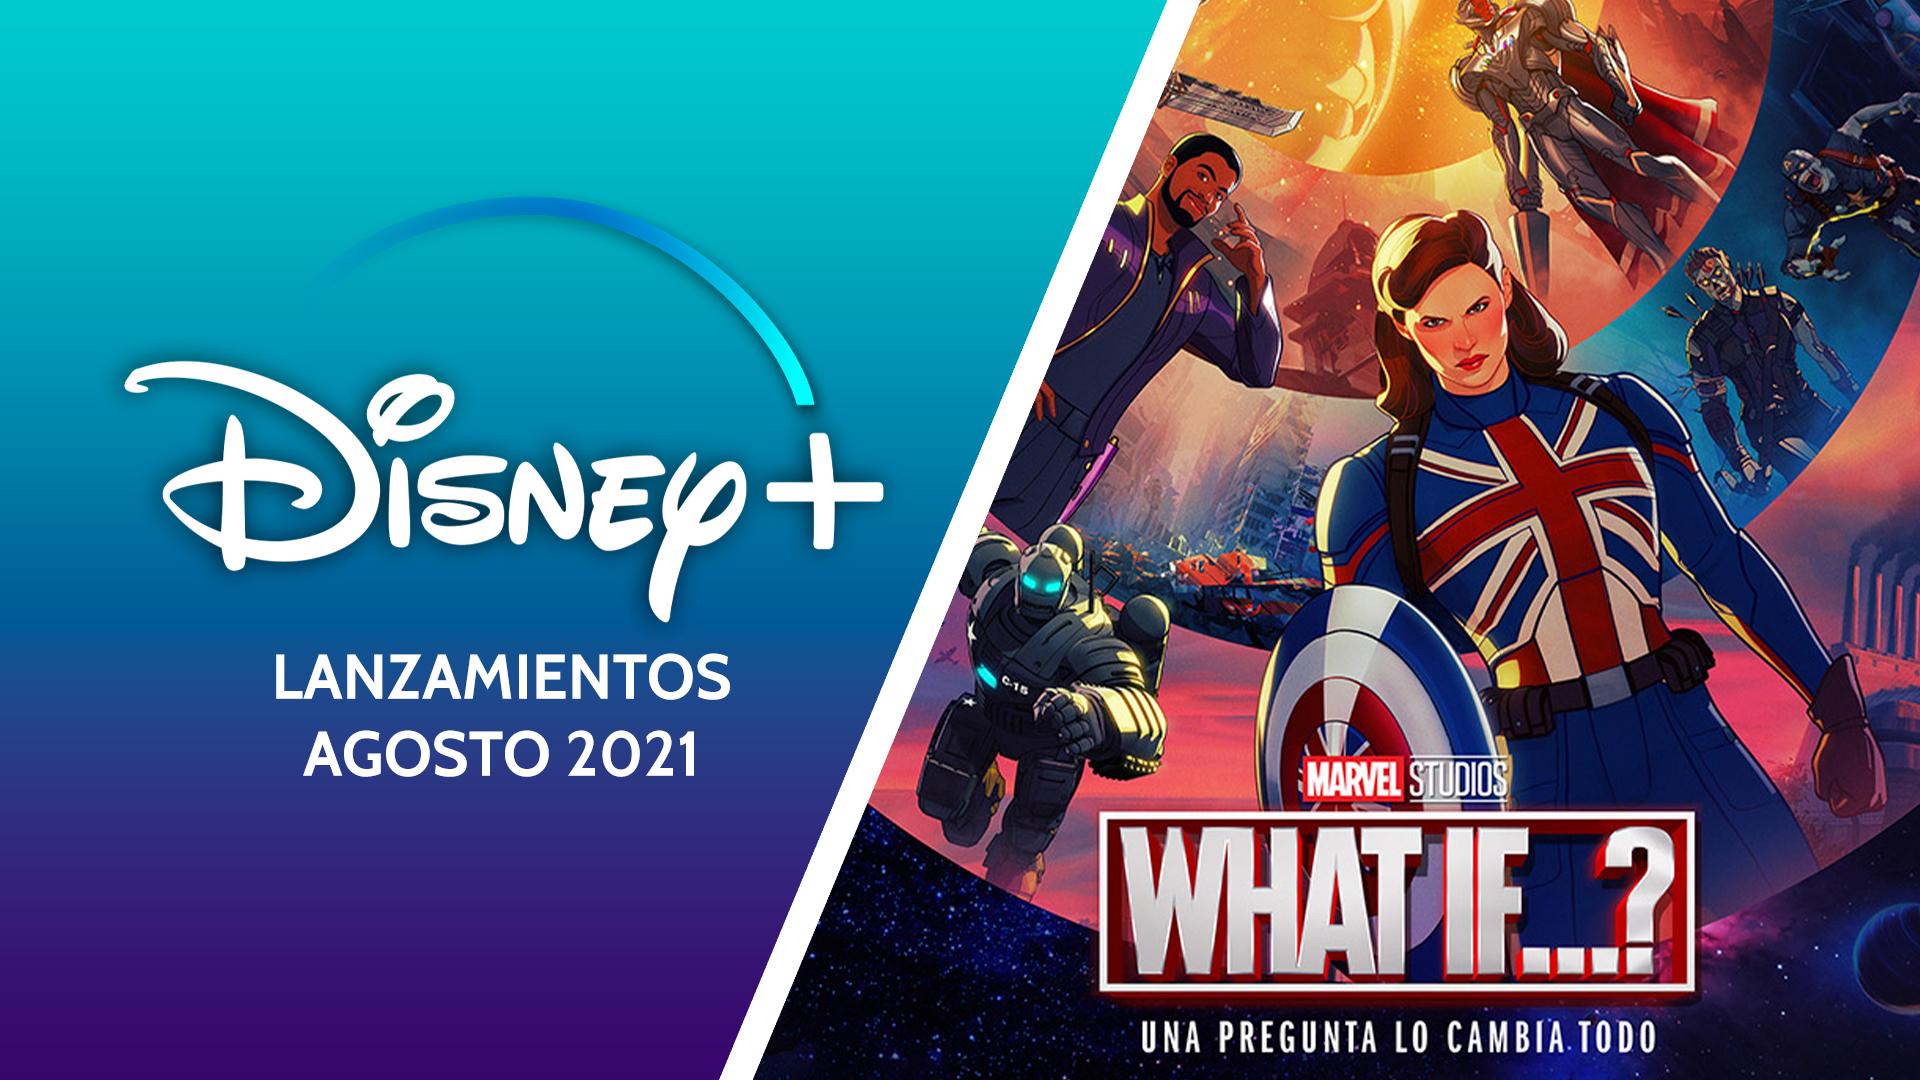 Lanzamientos Disney+ agosto 2021 ImpulsoGeek